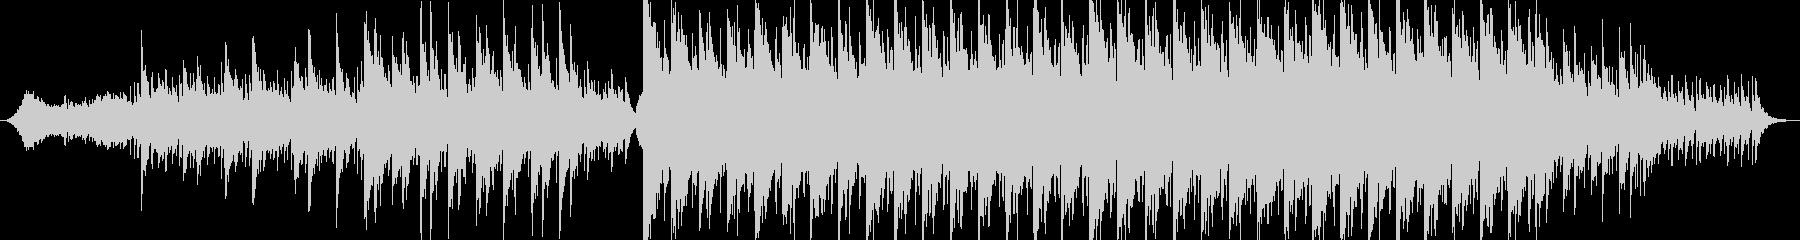 静かに始まり徐々に壮大に盛り上がるBGMの未再生の波形